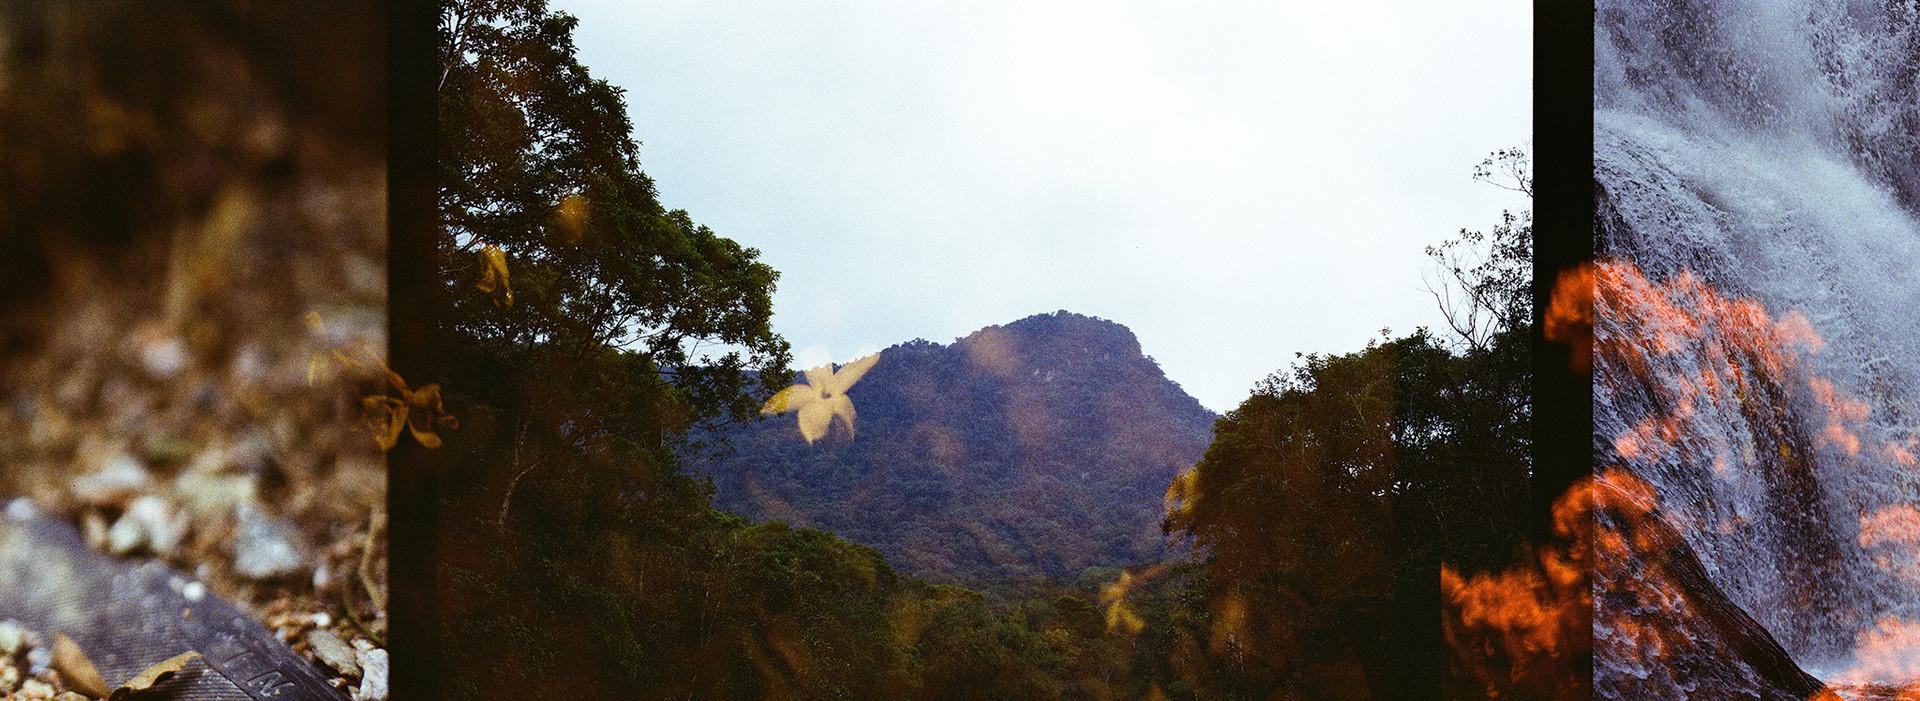 panorama-fotografia-de-Cayo-Vieira-002.j